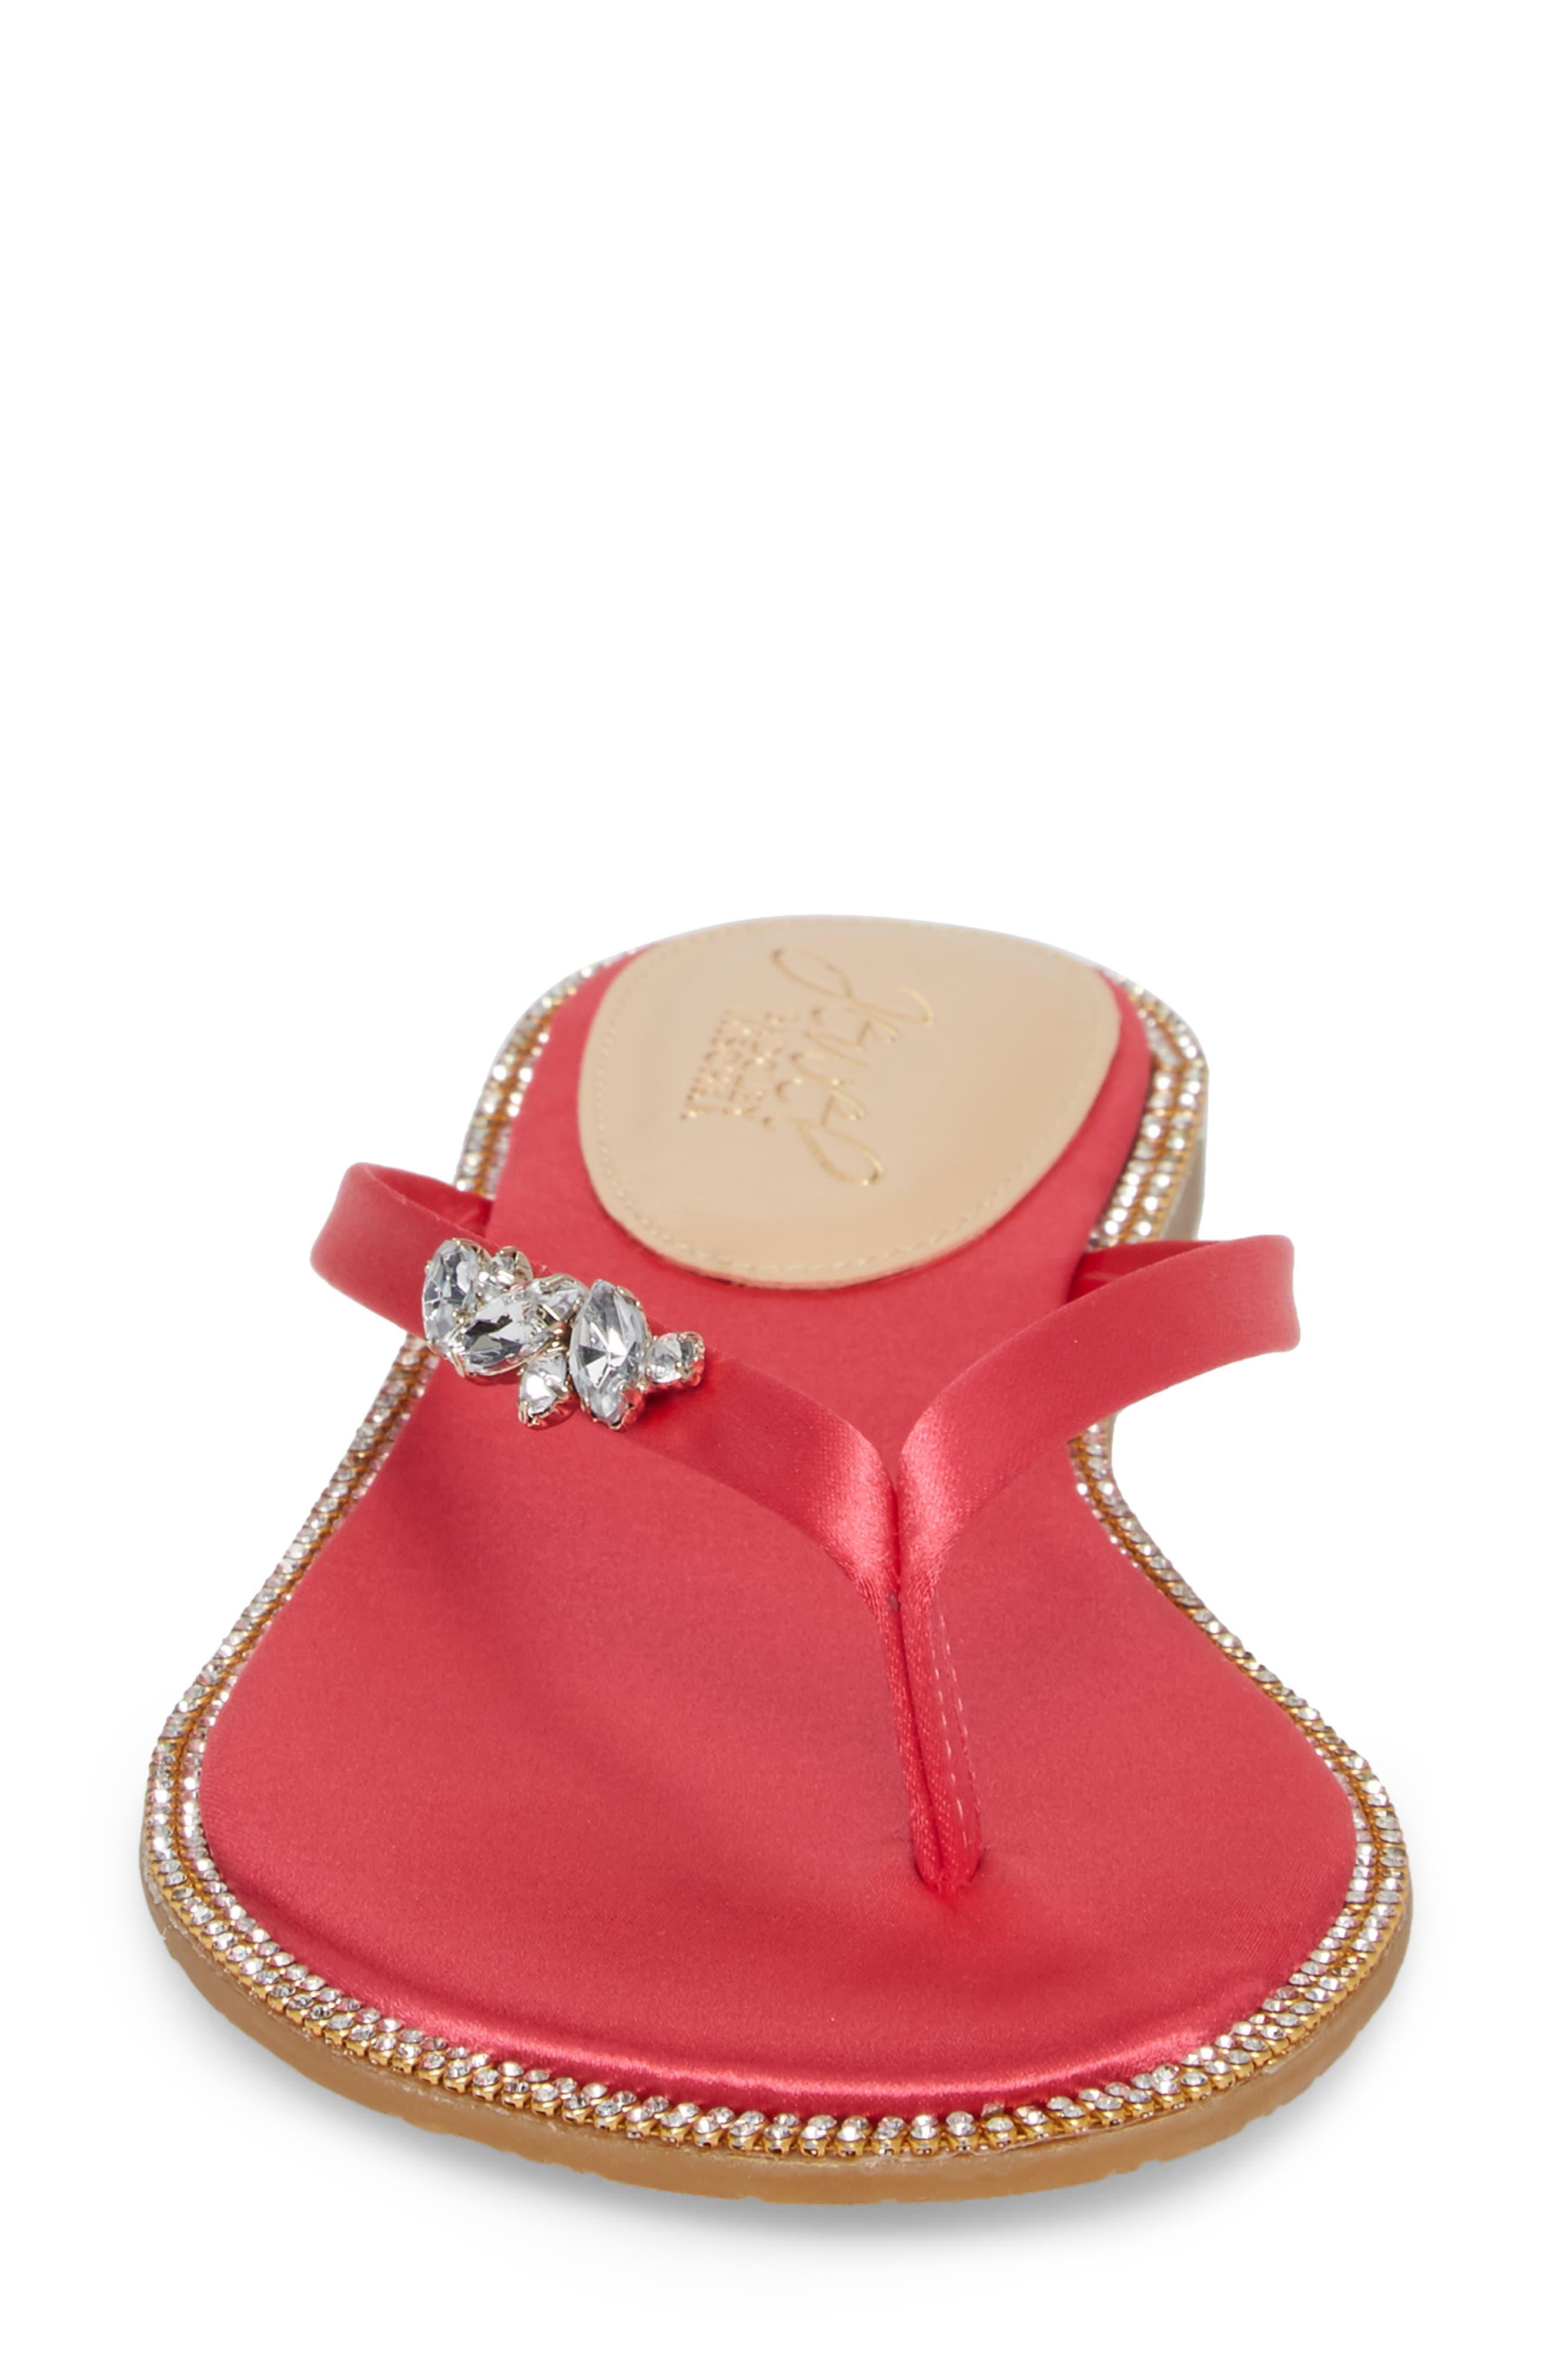 Thalia Crystal Embellished Flip Flop,                             Alternate thumbnail 4, color,                             Pink Leather